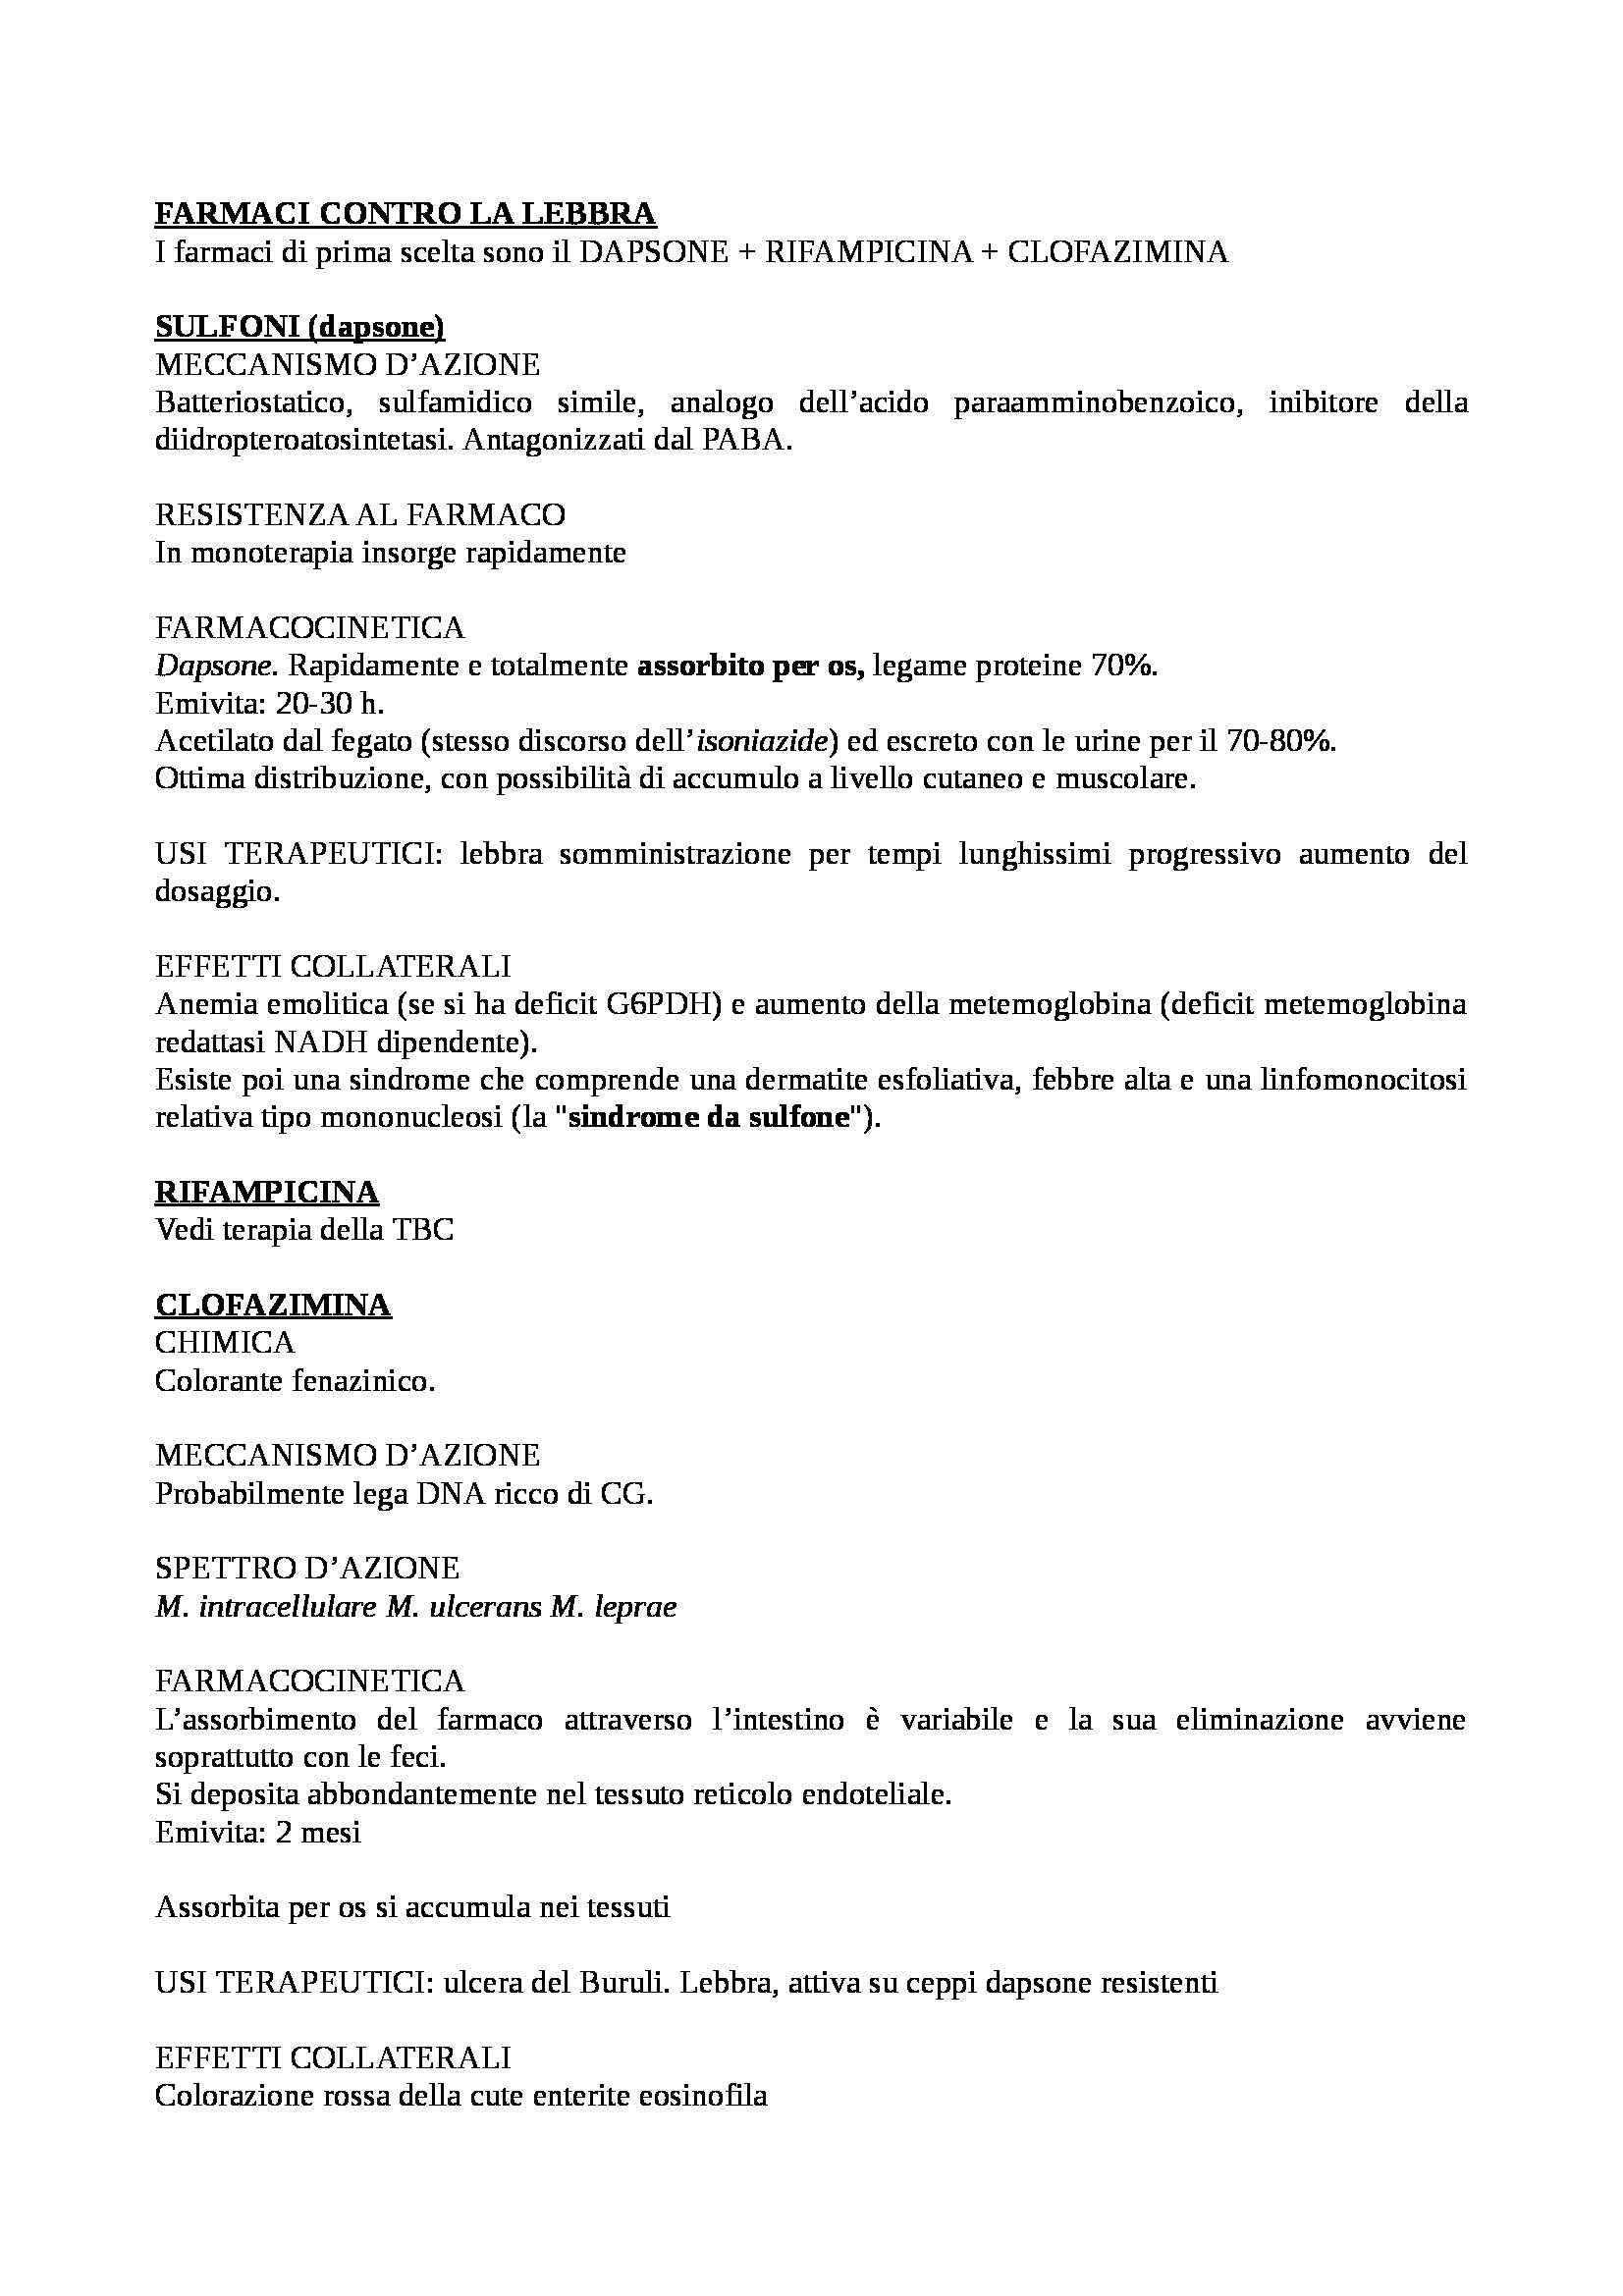 Farmacologia e tossicologia - schema sui farmaci contro la lebbra